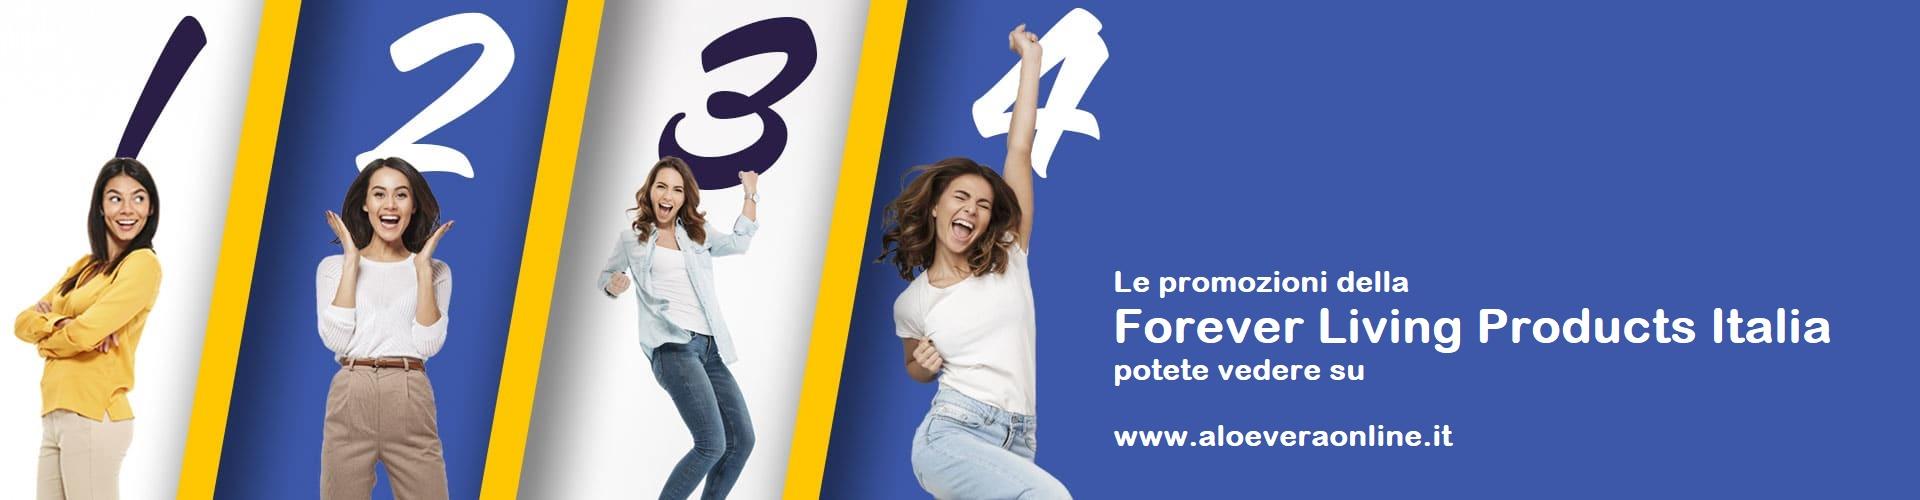 Promozioni della Forever Living Products Italy